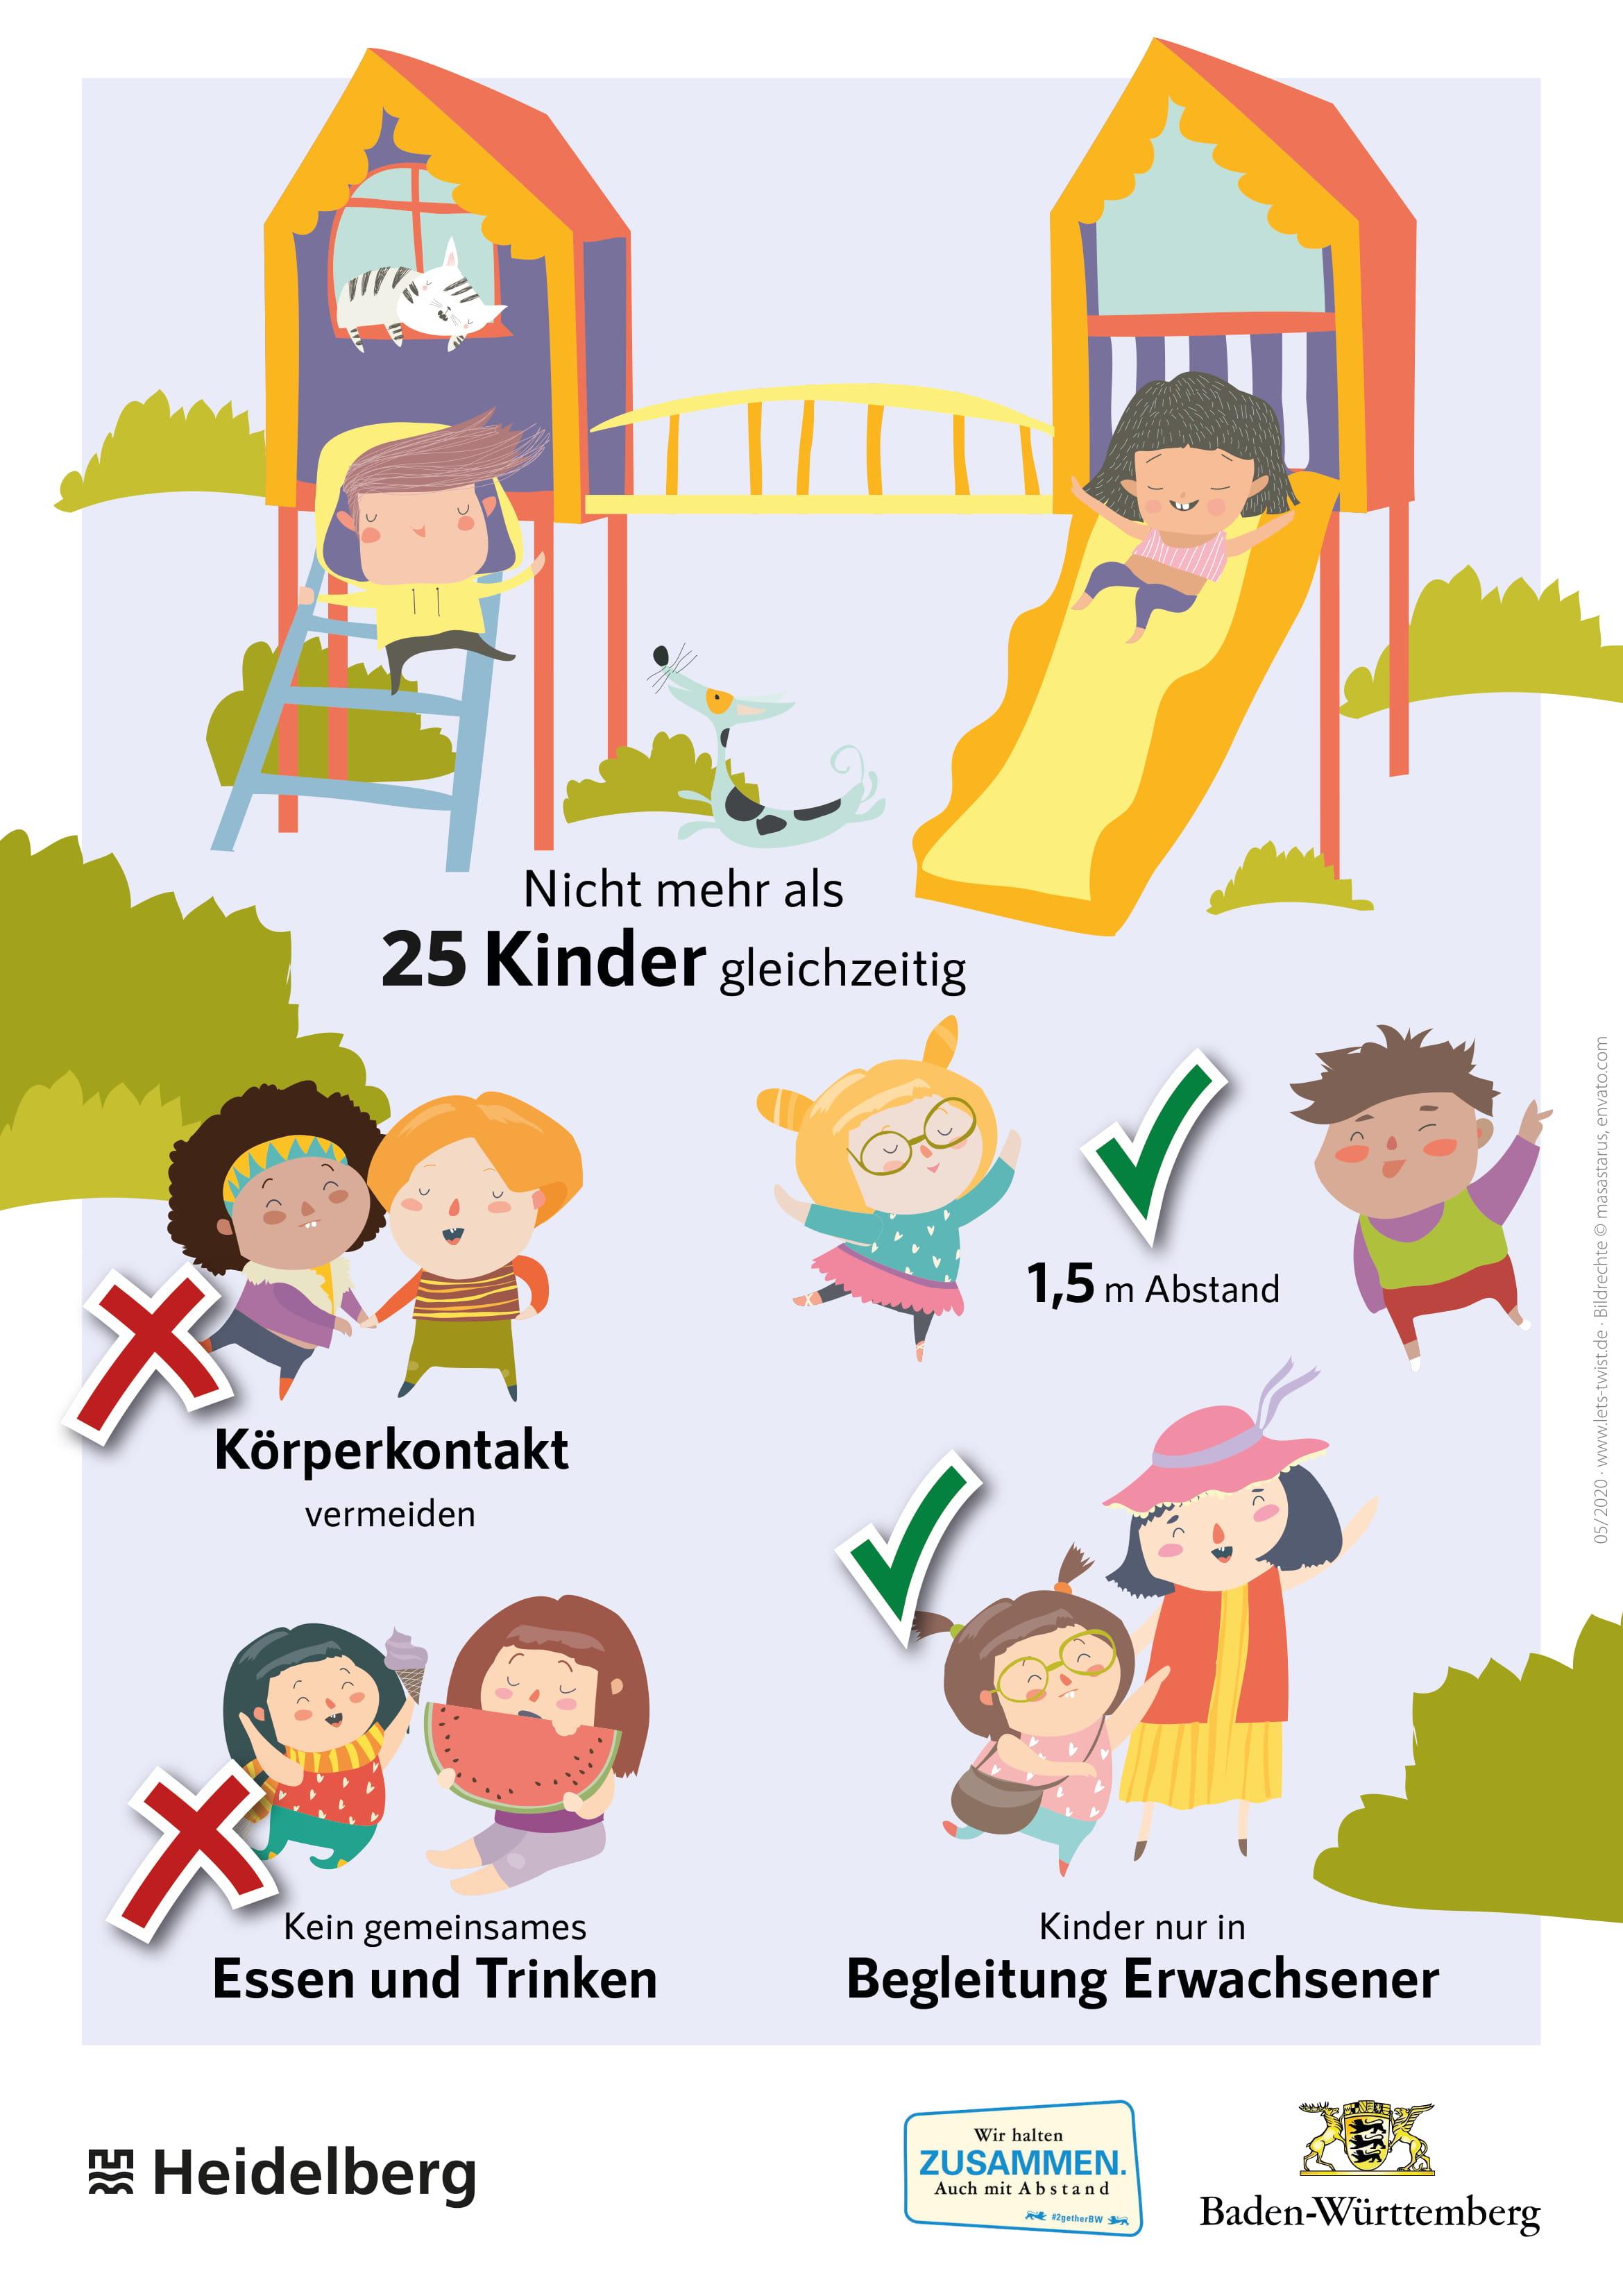 Corona Regeln In Baden Württemberg